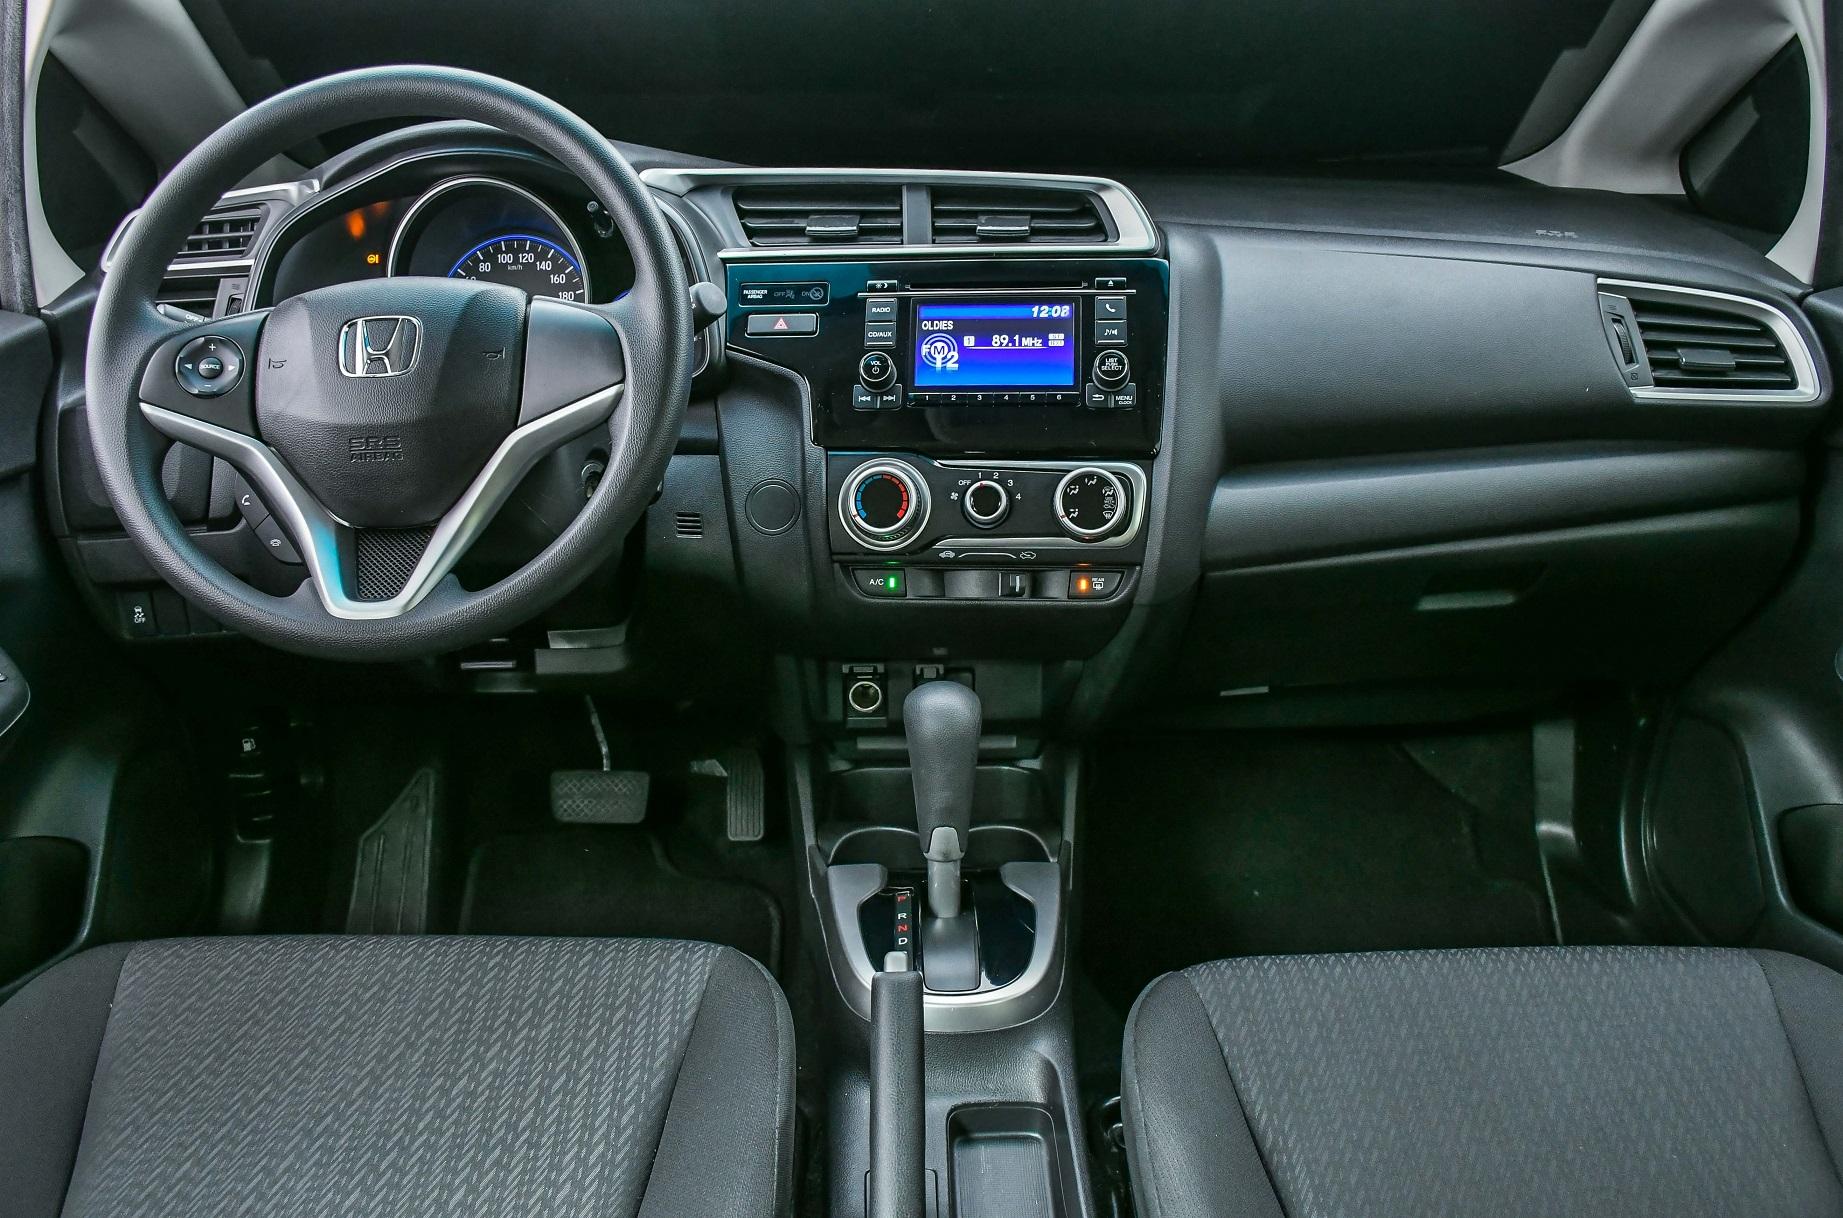 Painel do Honda Fit é sóbrio e bem construído, porém merecia mais equipamentos